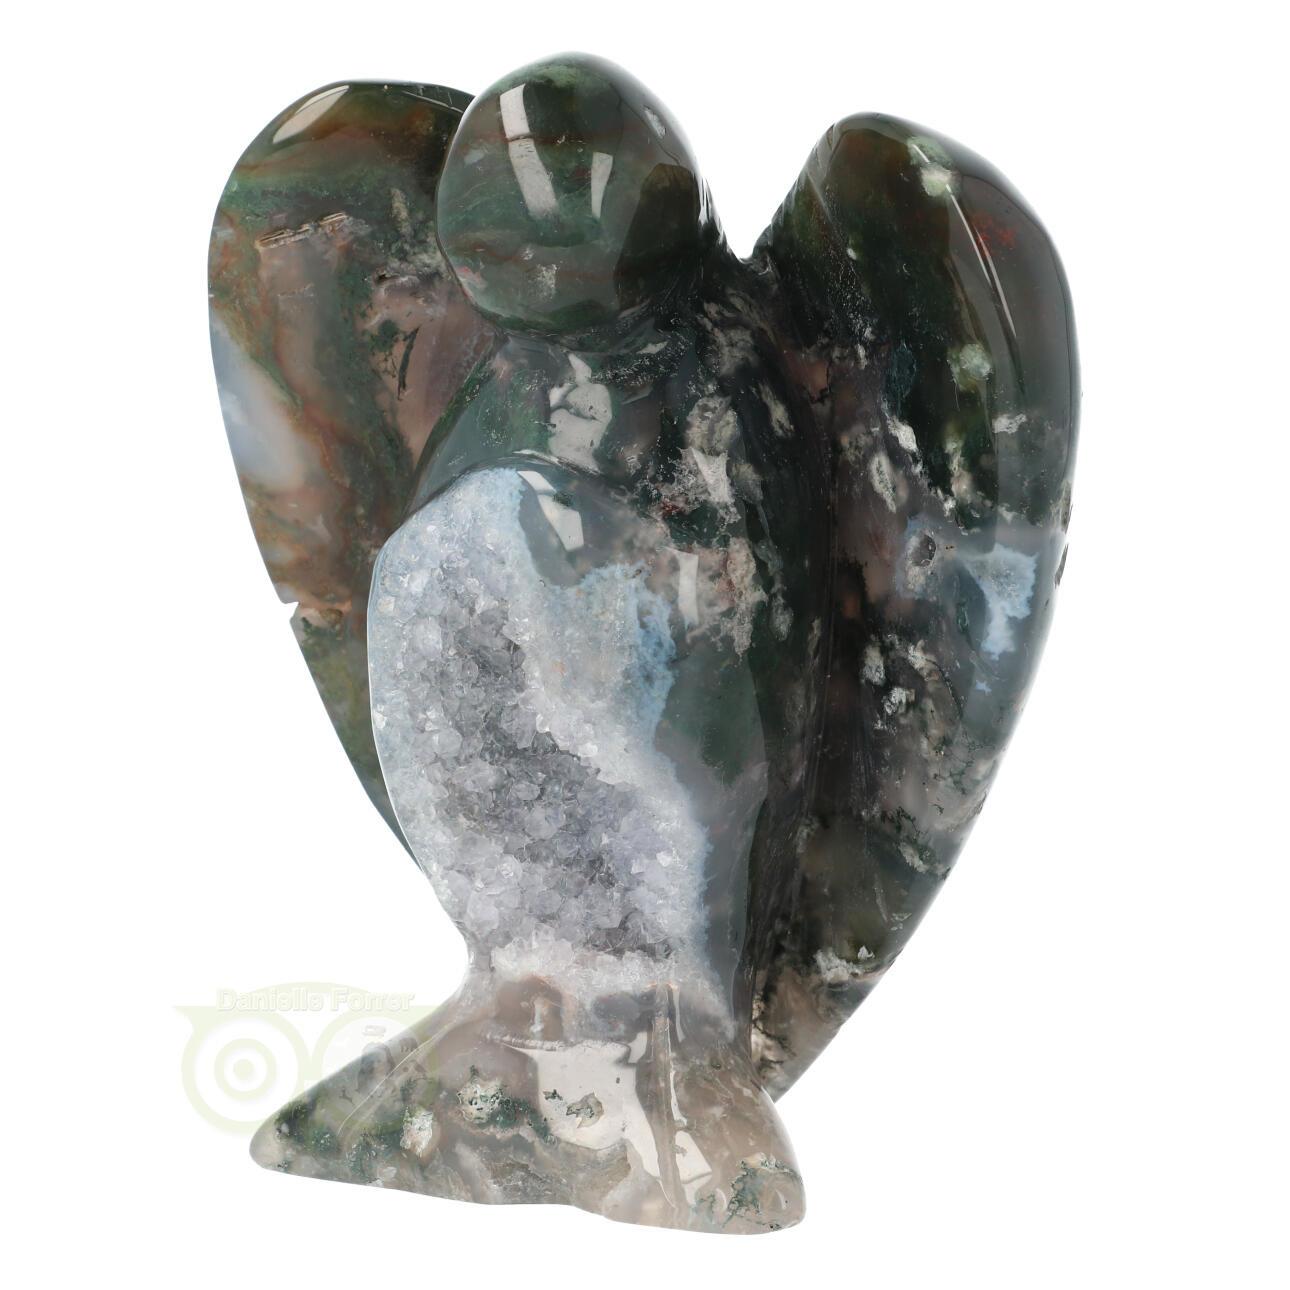 engel - edelstenen engel - engeltjes | Edelstenenwebwinkel - Webshop Danielle Forrer